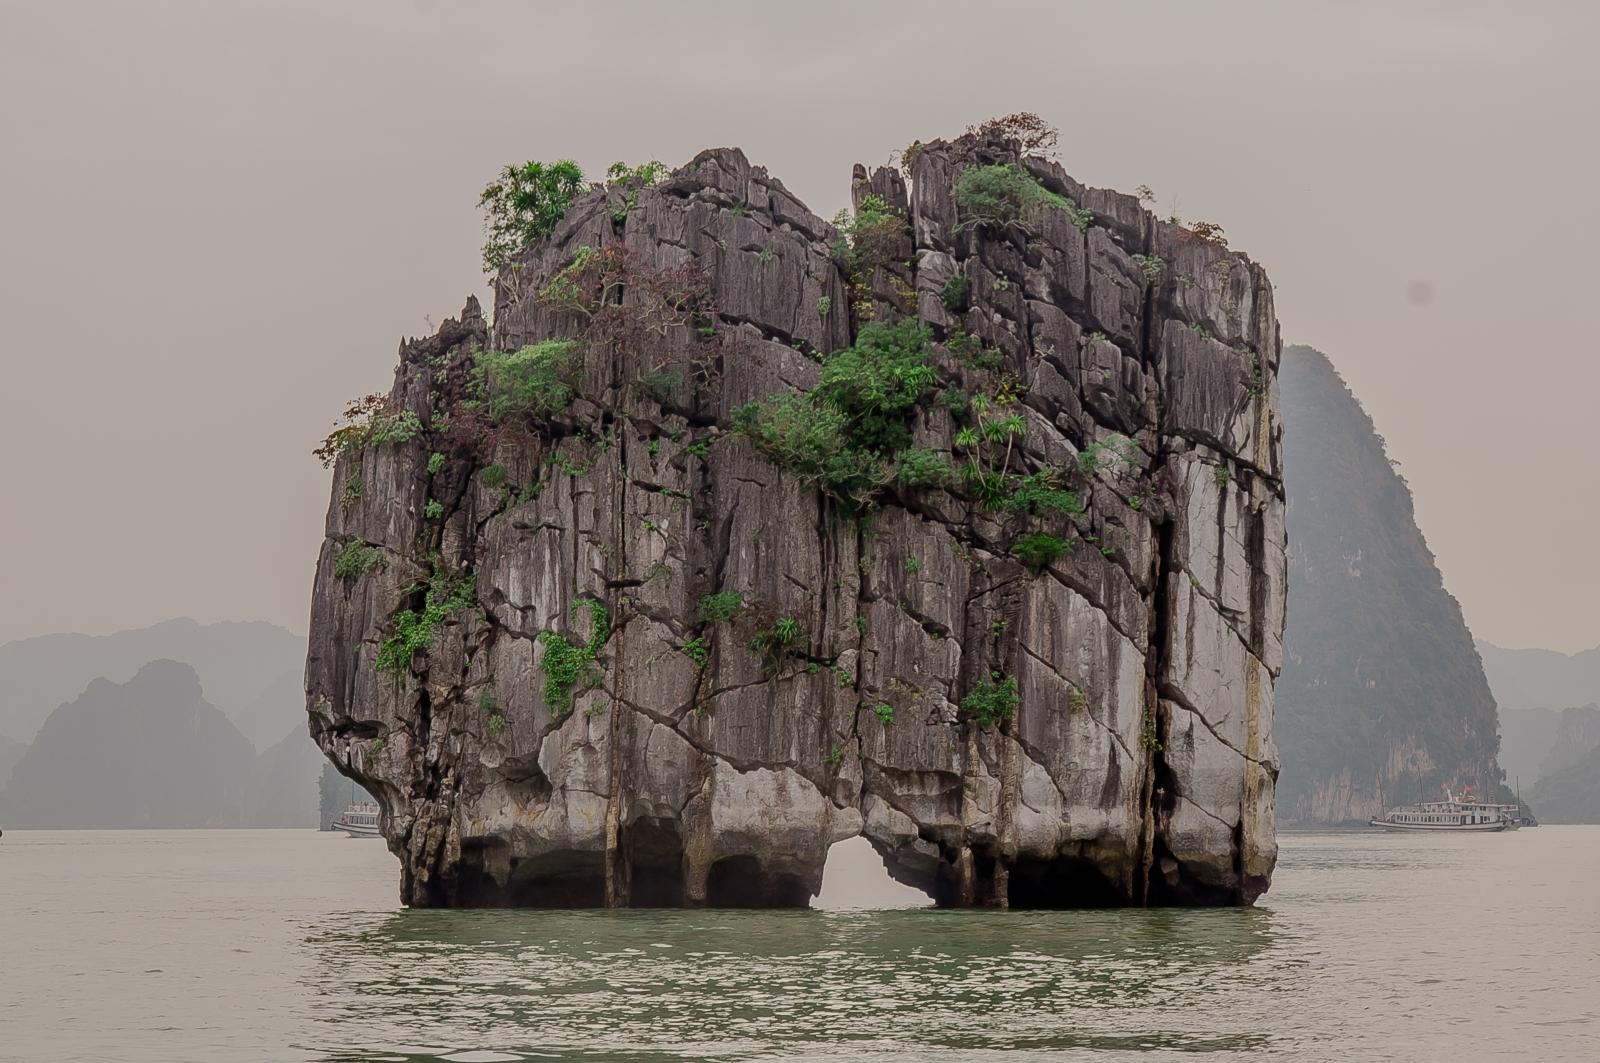 Vẻ đẹp đỉnh Lư Hương nổi tiếng trên Vịnh Hạ Long